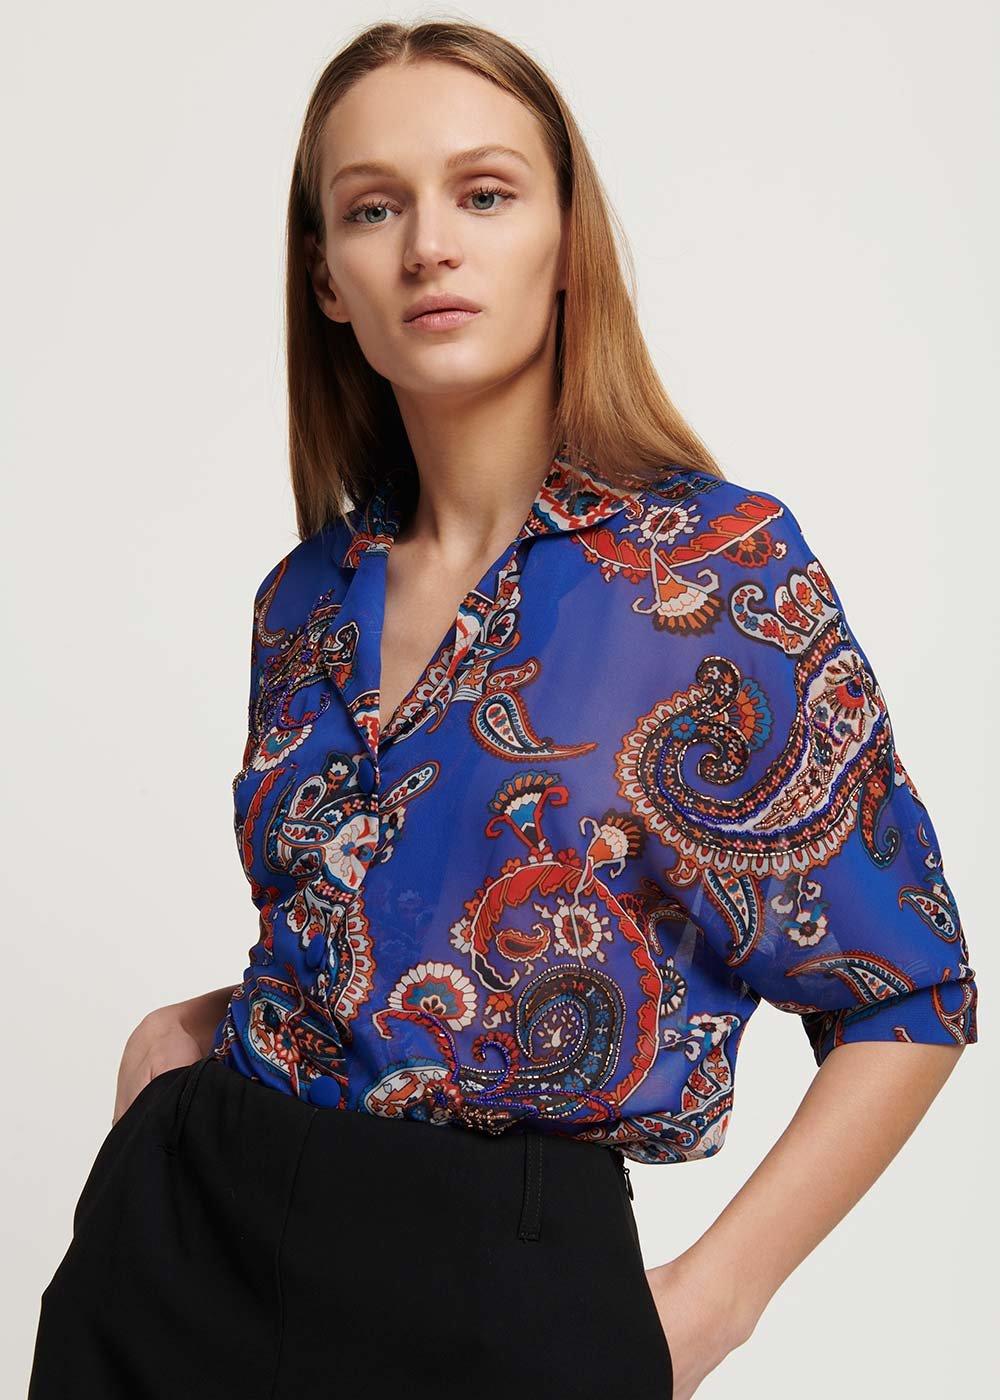 Cabryl patterned shirt - Nettuno \ Sole \ Fantasia - Woman